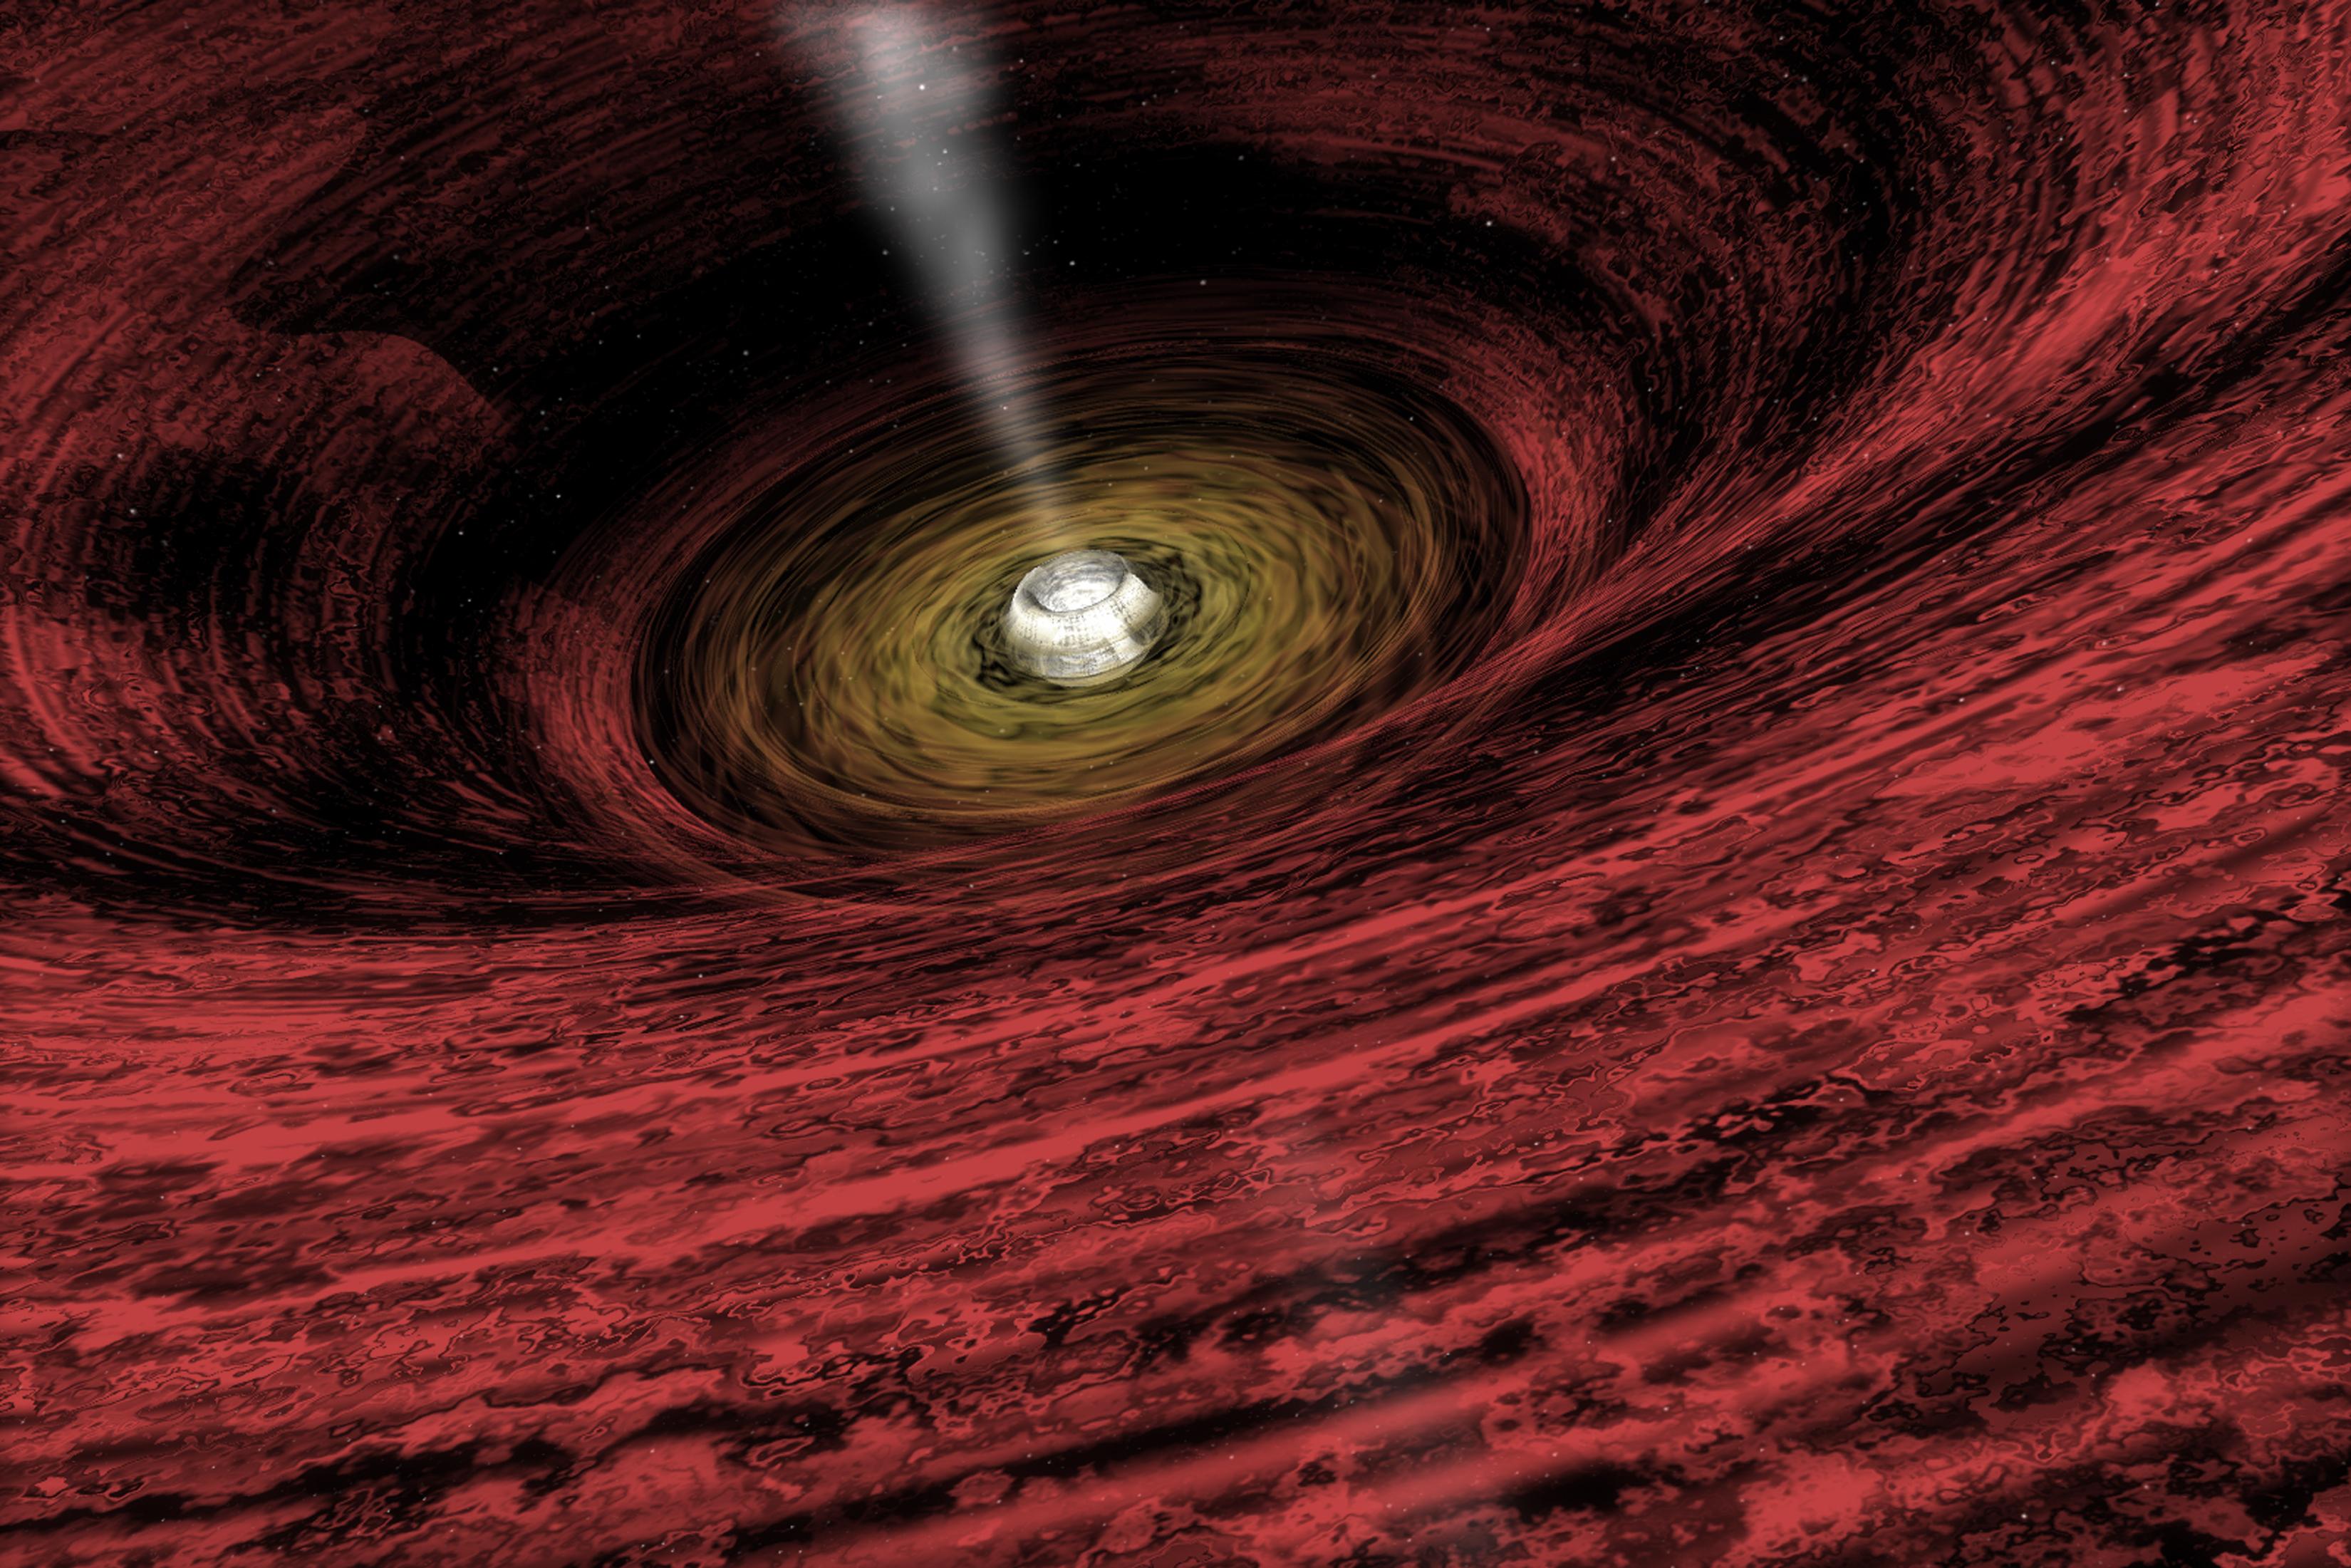 black hole chandra x ray-#35